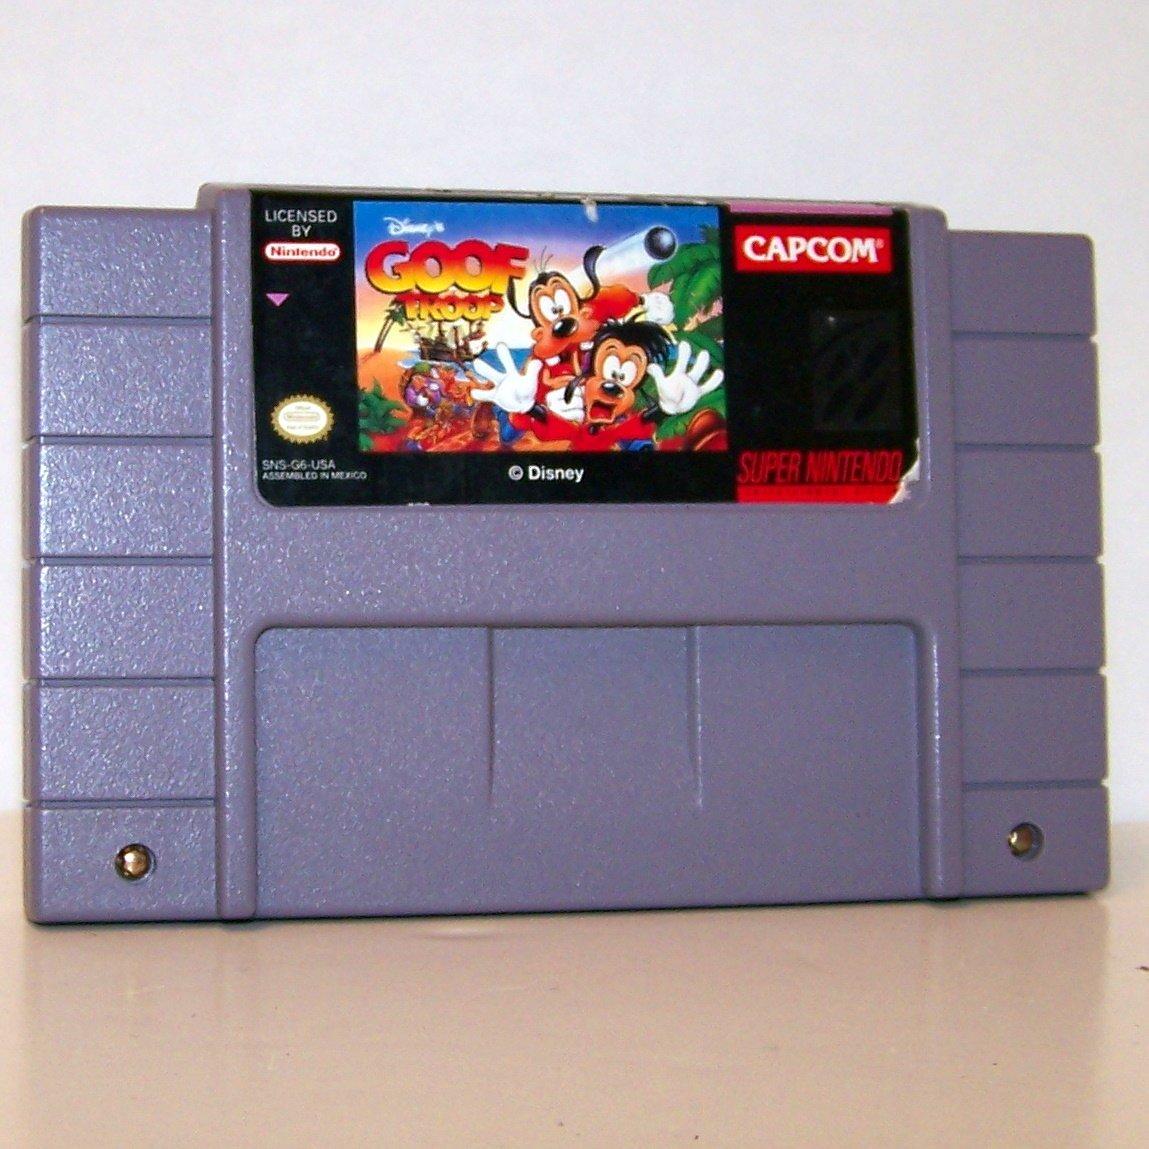 Goof Troop Super Nintendo Game Cartridge